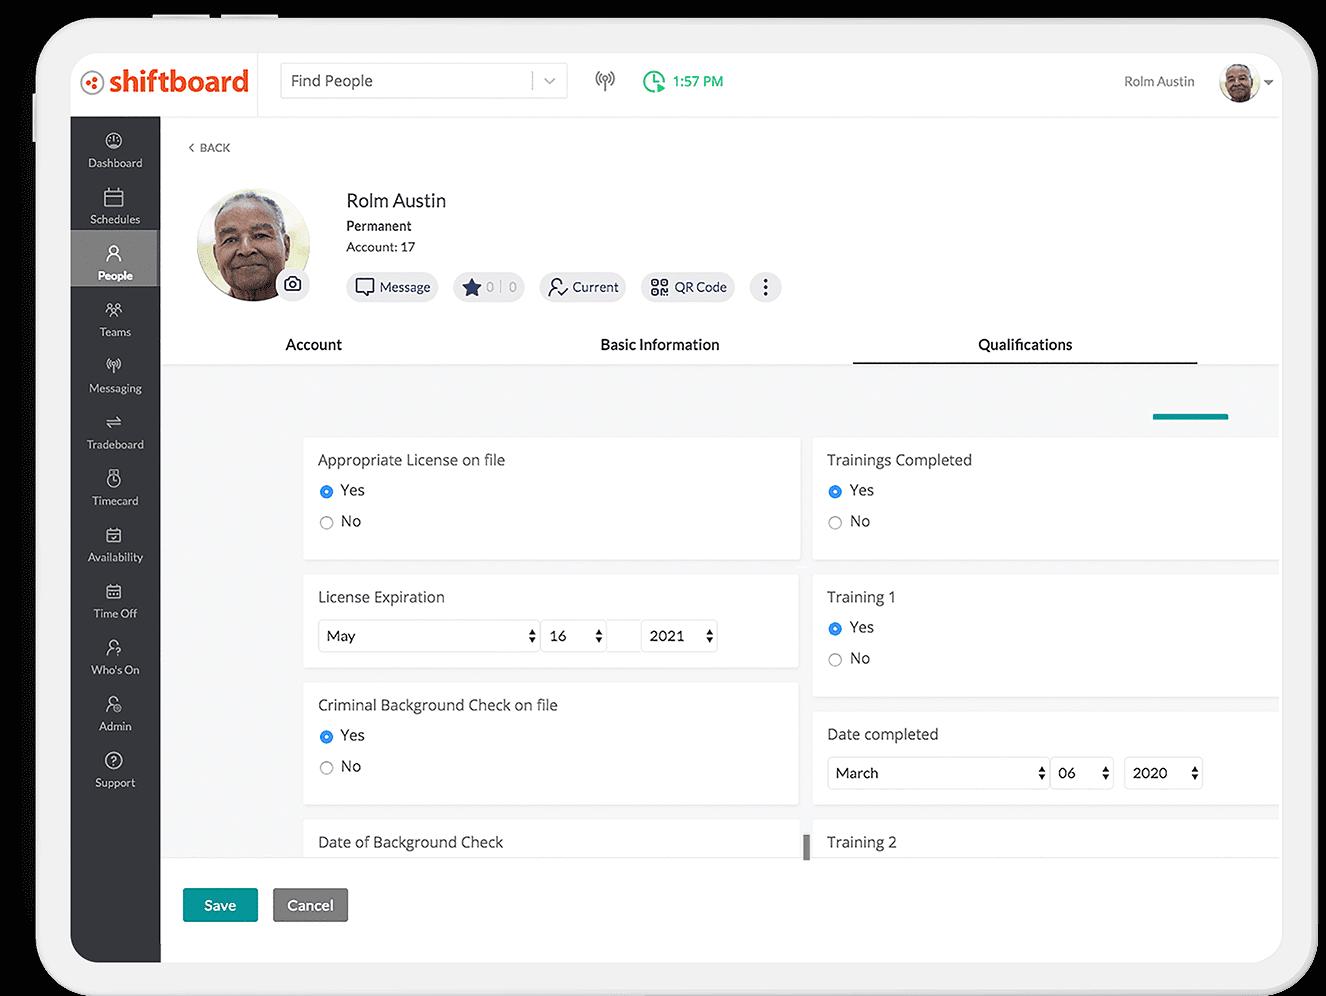 Add Availability on Ipad